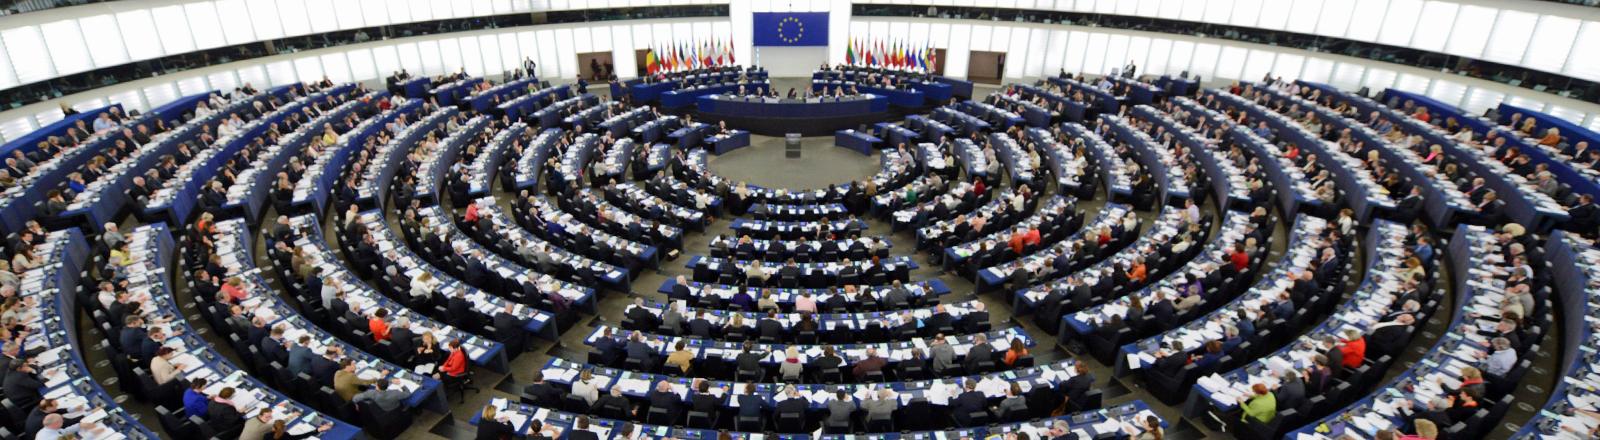 Das Europäische Parlament in Straßburg am 15.04.2014.